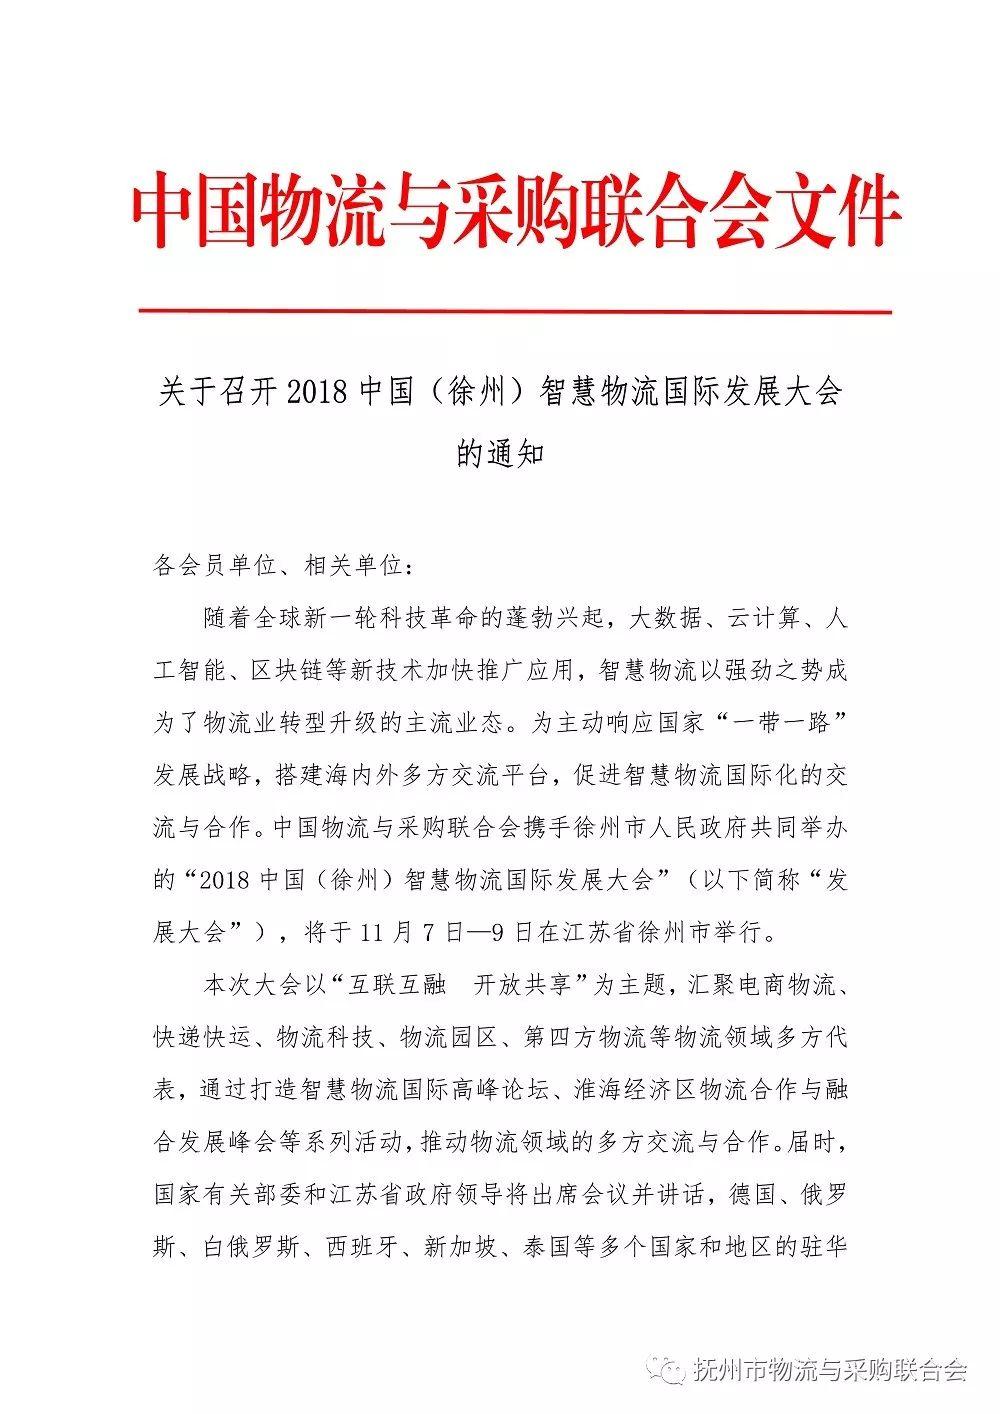 关于召开2018全国(徐州)智慧物流国际发展大会的通知